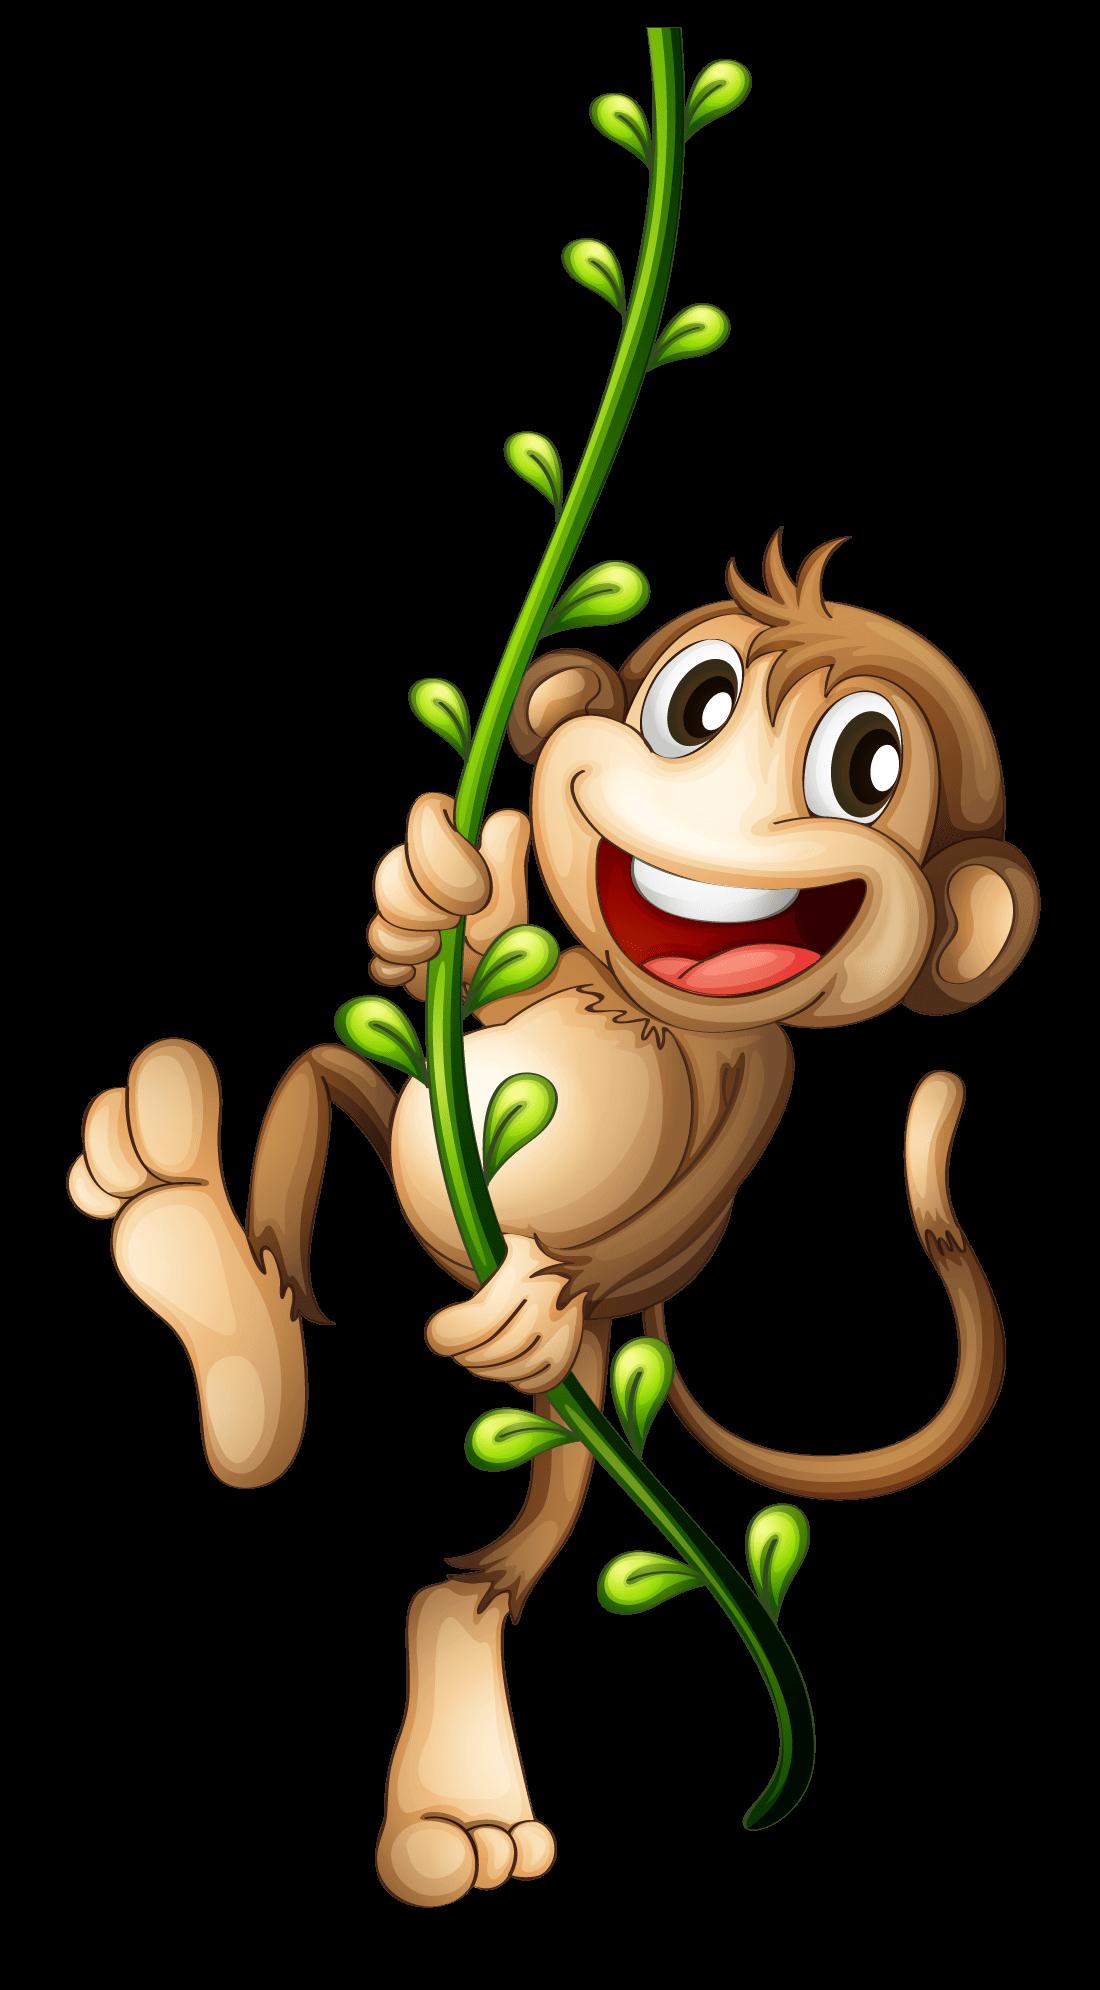 monkey swinging